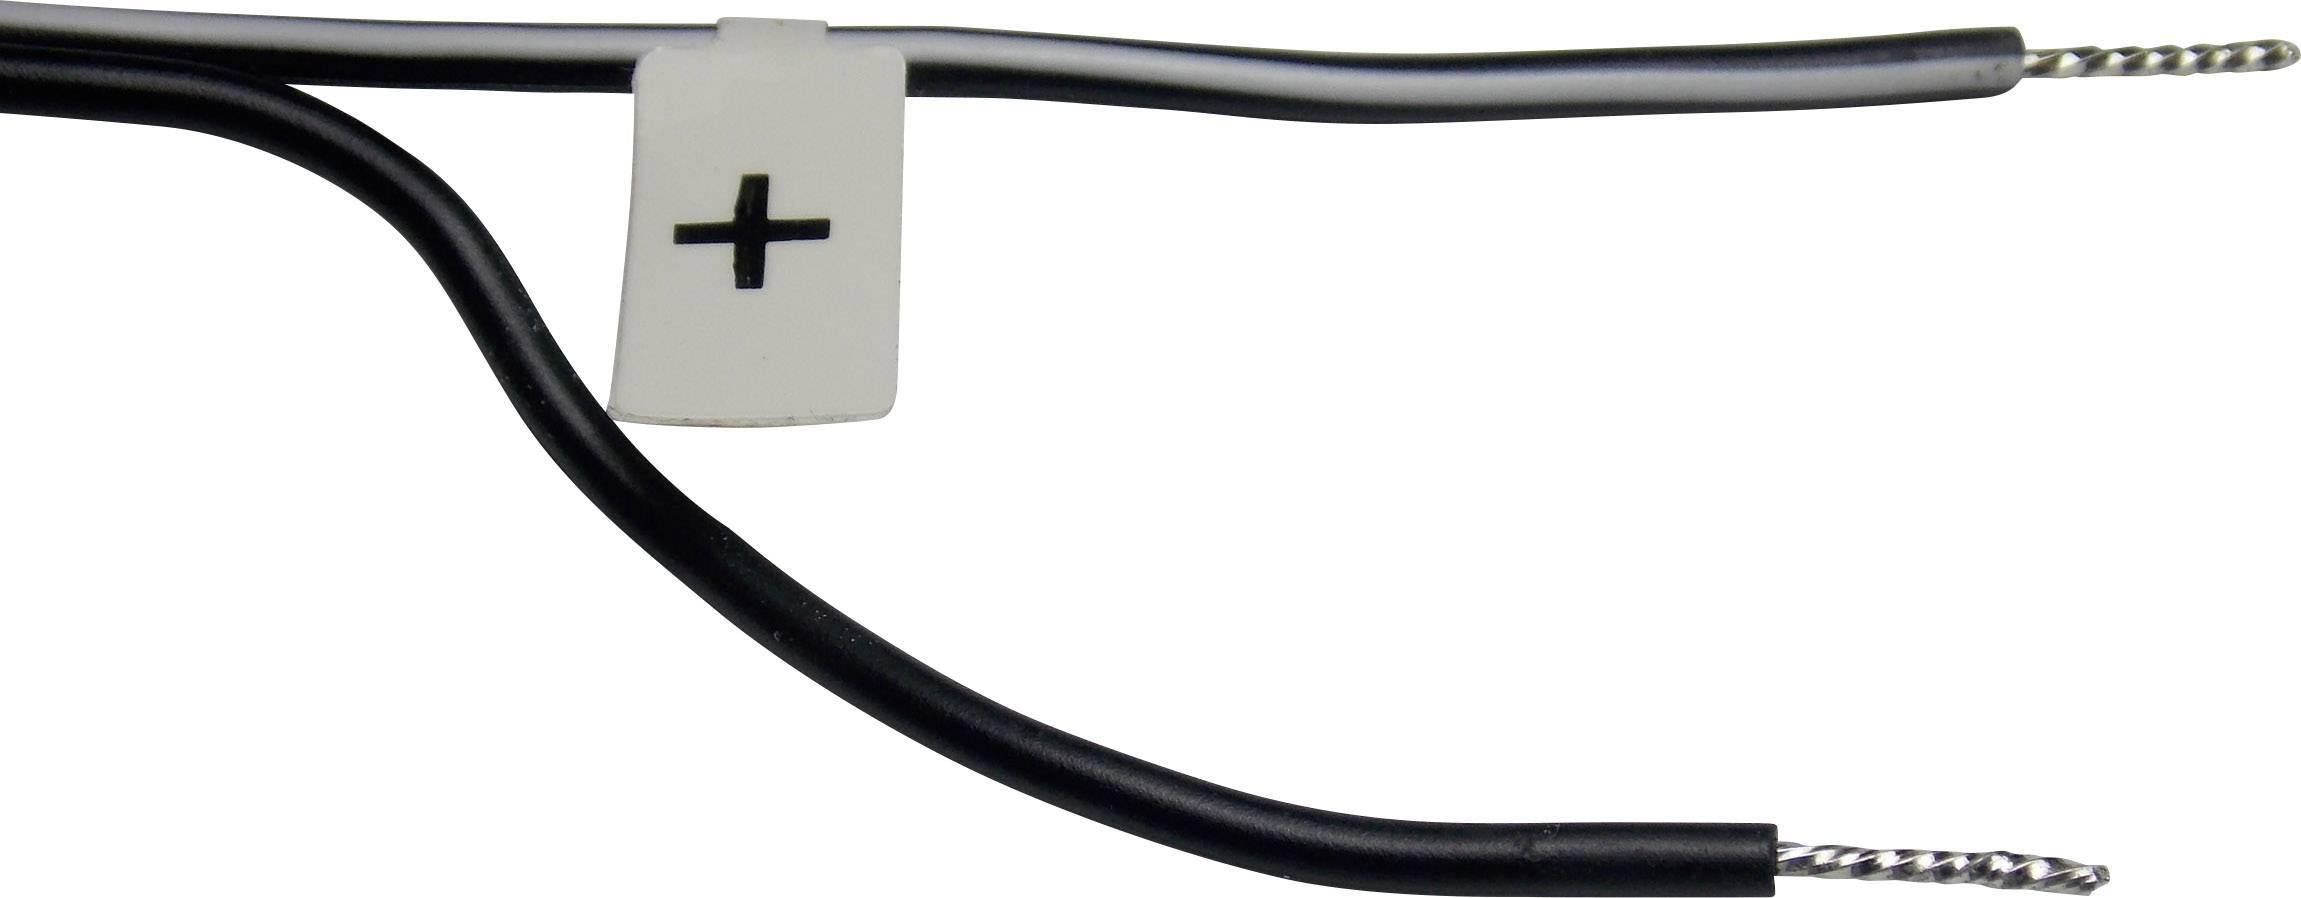 Sieťový adaptér bez konektora Voltcraft SNG-1000-OW, 3 - 12 V/DC, 12 W